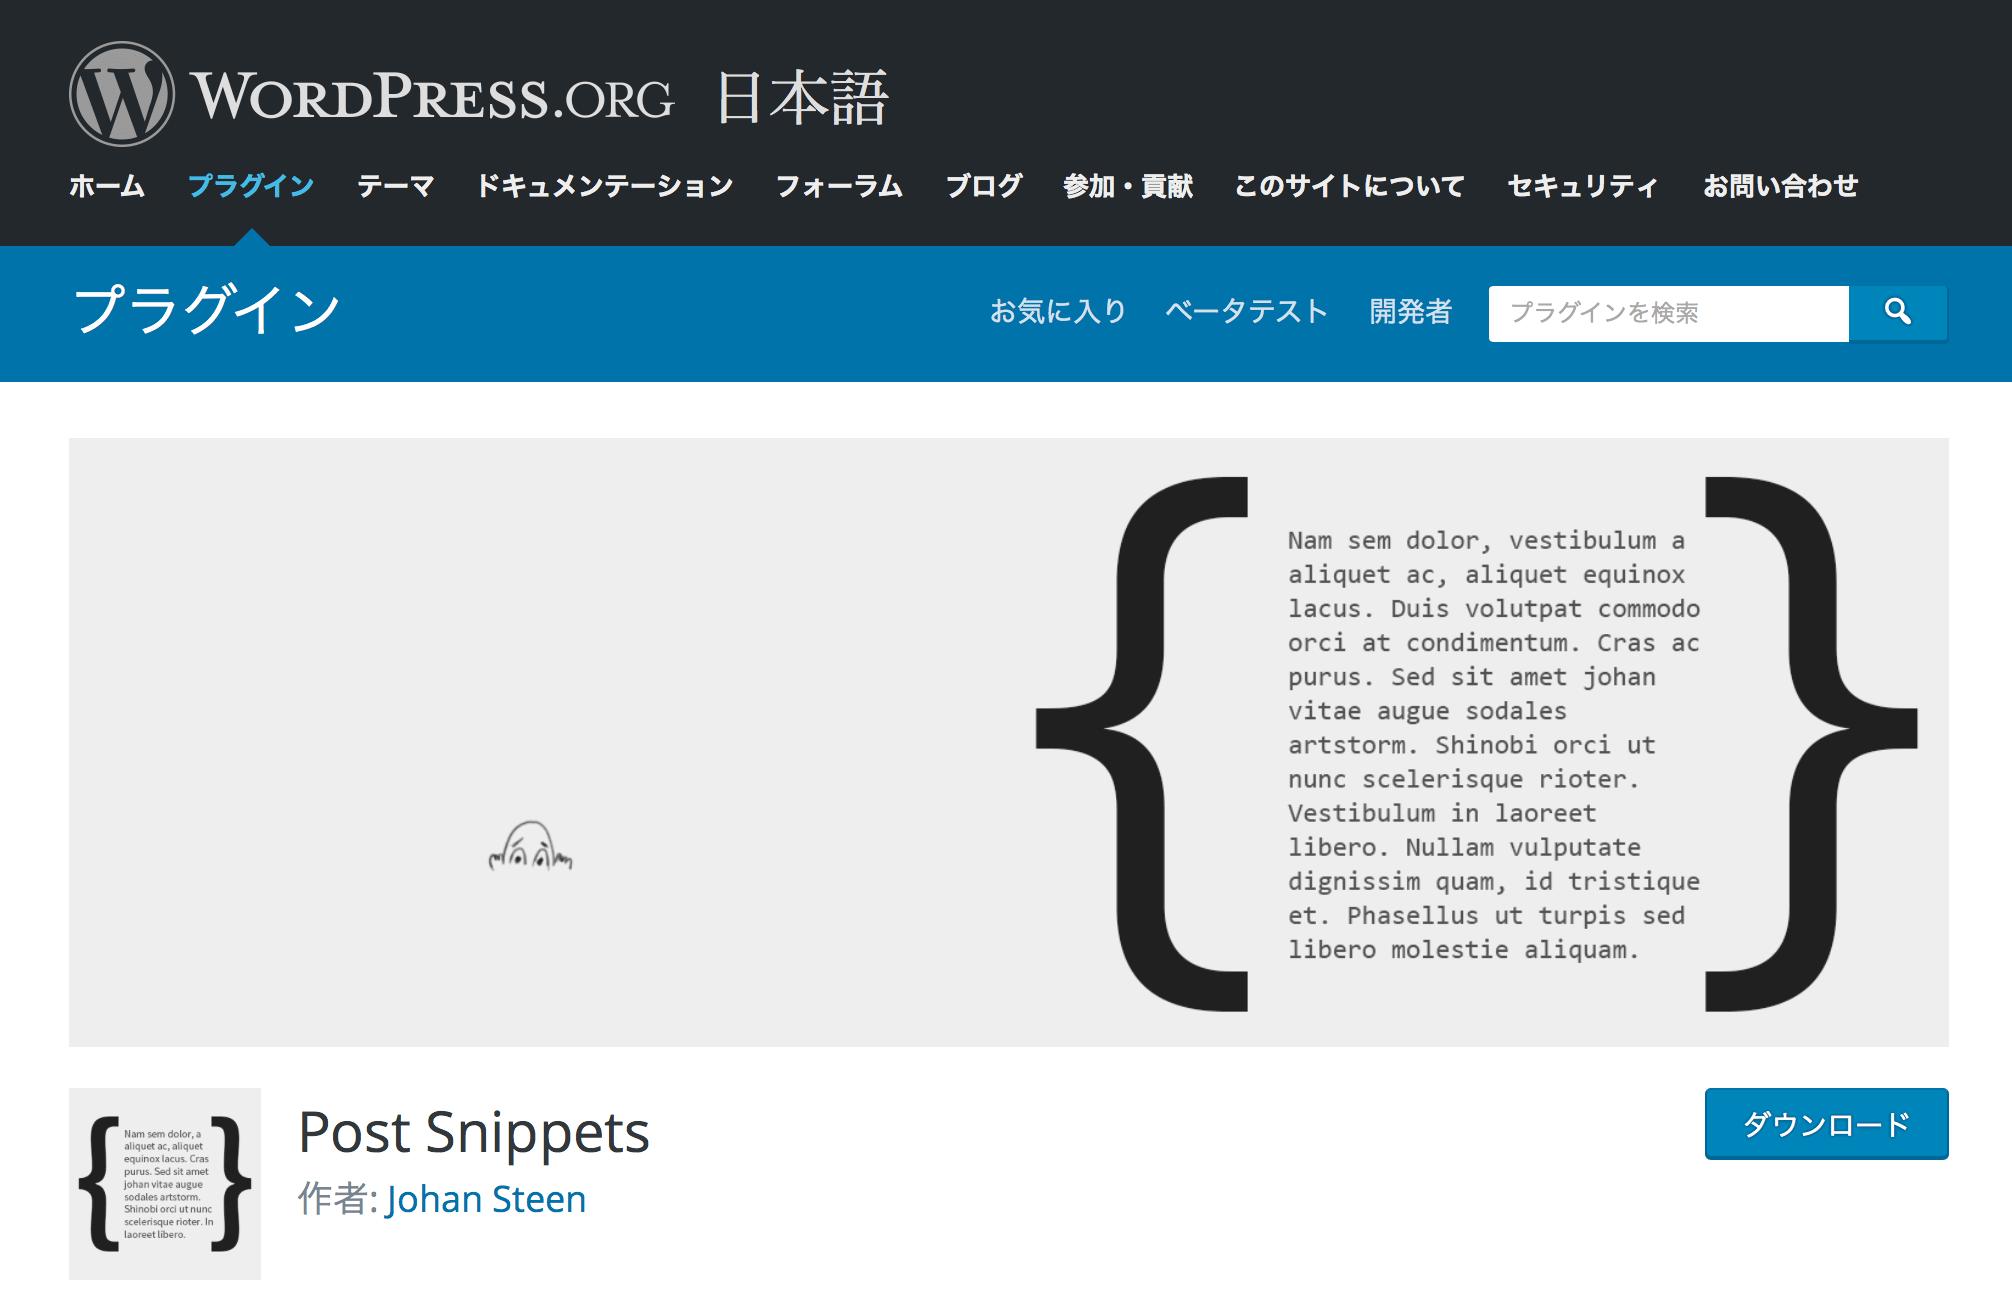 WordPressで記事中に定型文を挿入するプラグイン「Post Snippets」